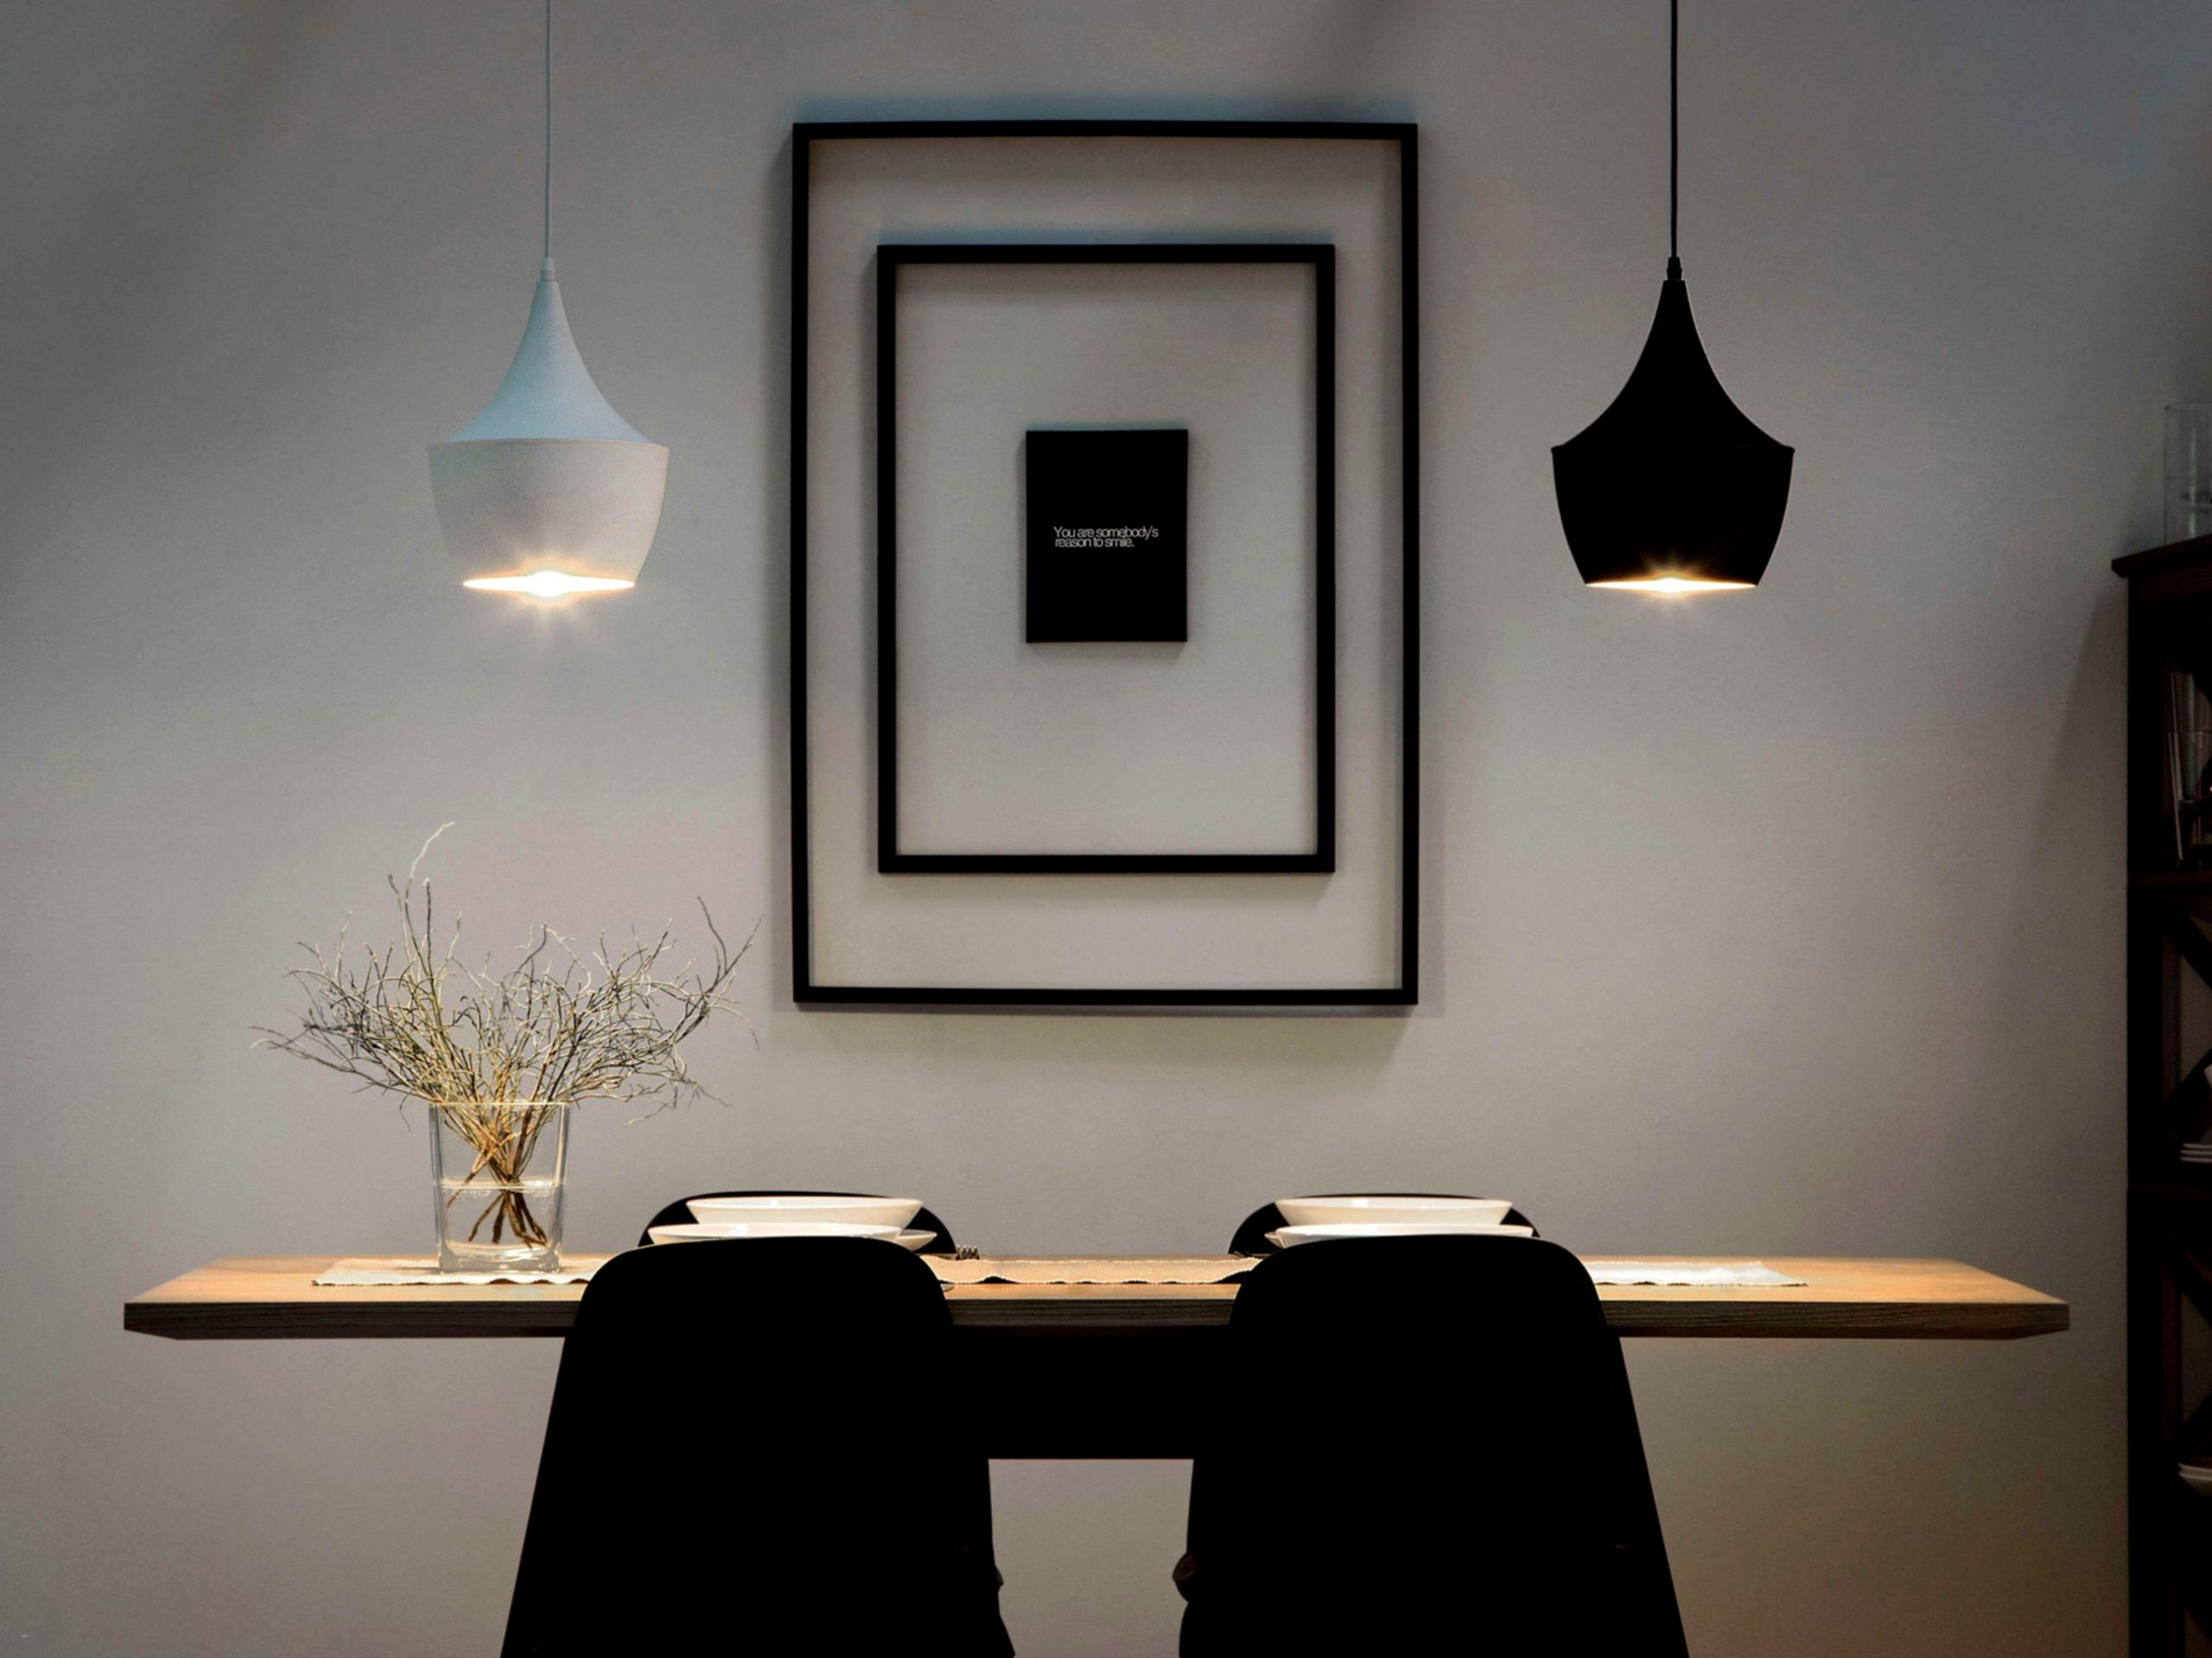 Full Size of Hngelampe 60 Cm 3x40w Stoff Grau Hngeleuchte Pendelleuchte Essplatz Küche Billig Eckschrank Einhebelmischer Barhocker L Mit E Geräten Einlegeböden Umziehen Küche Pendelleuchten Küche